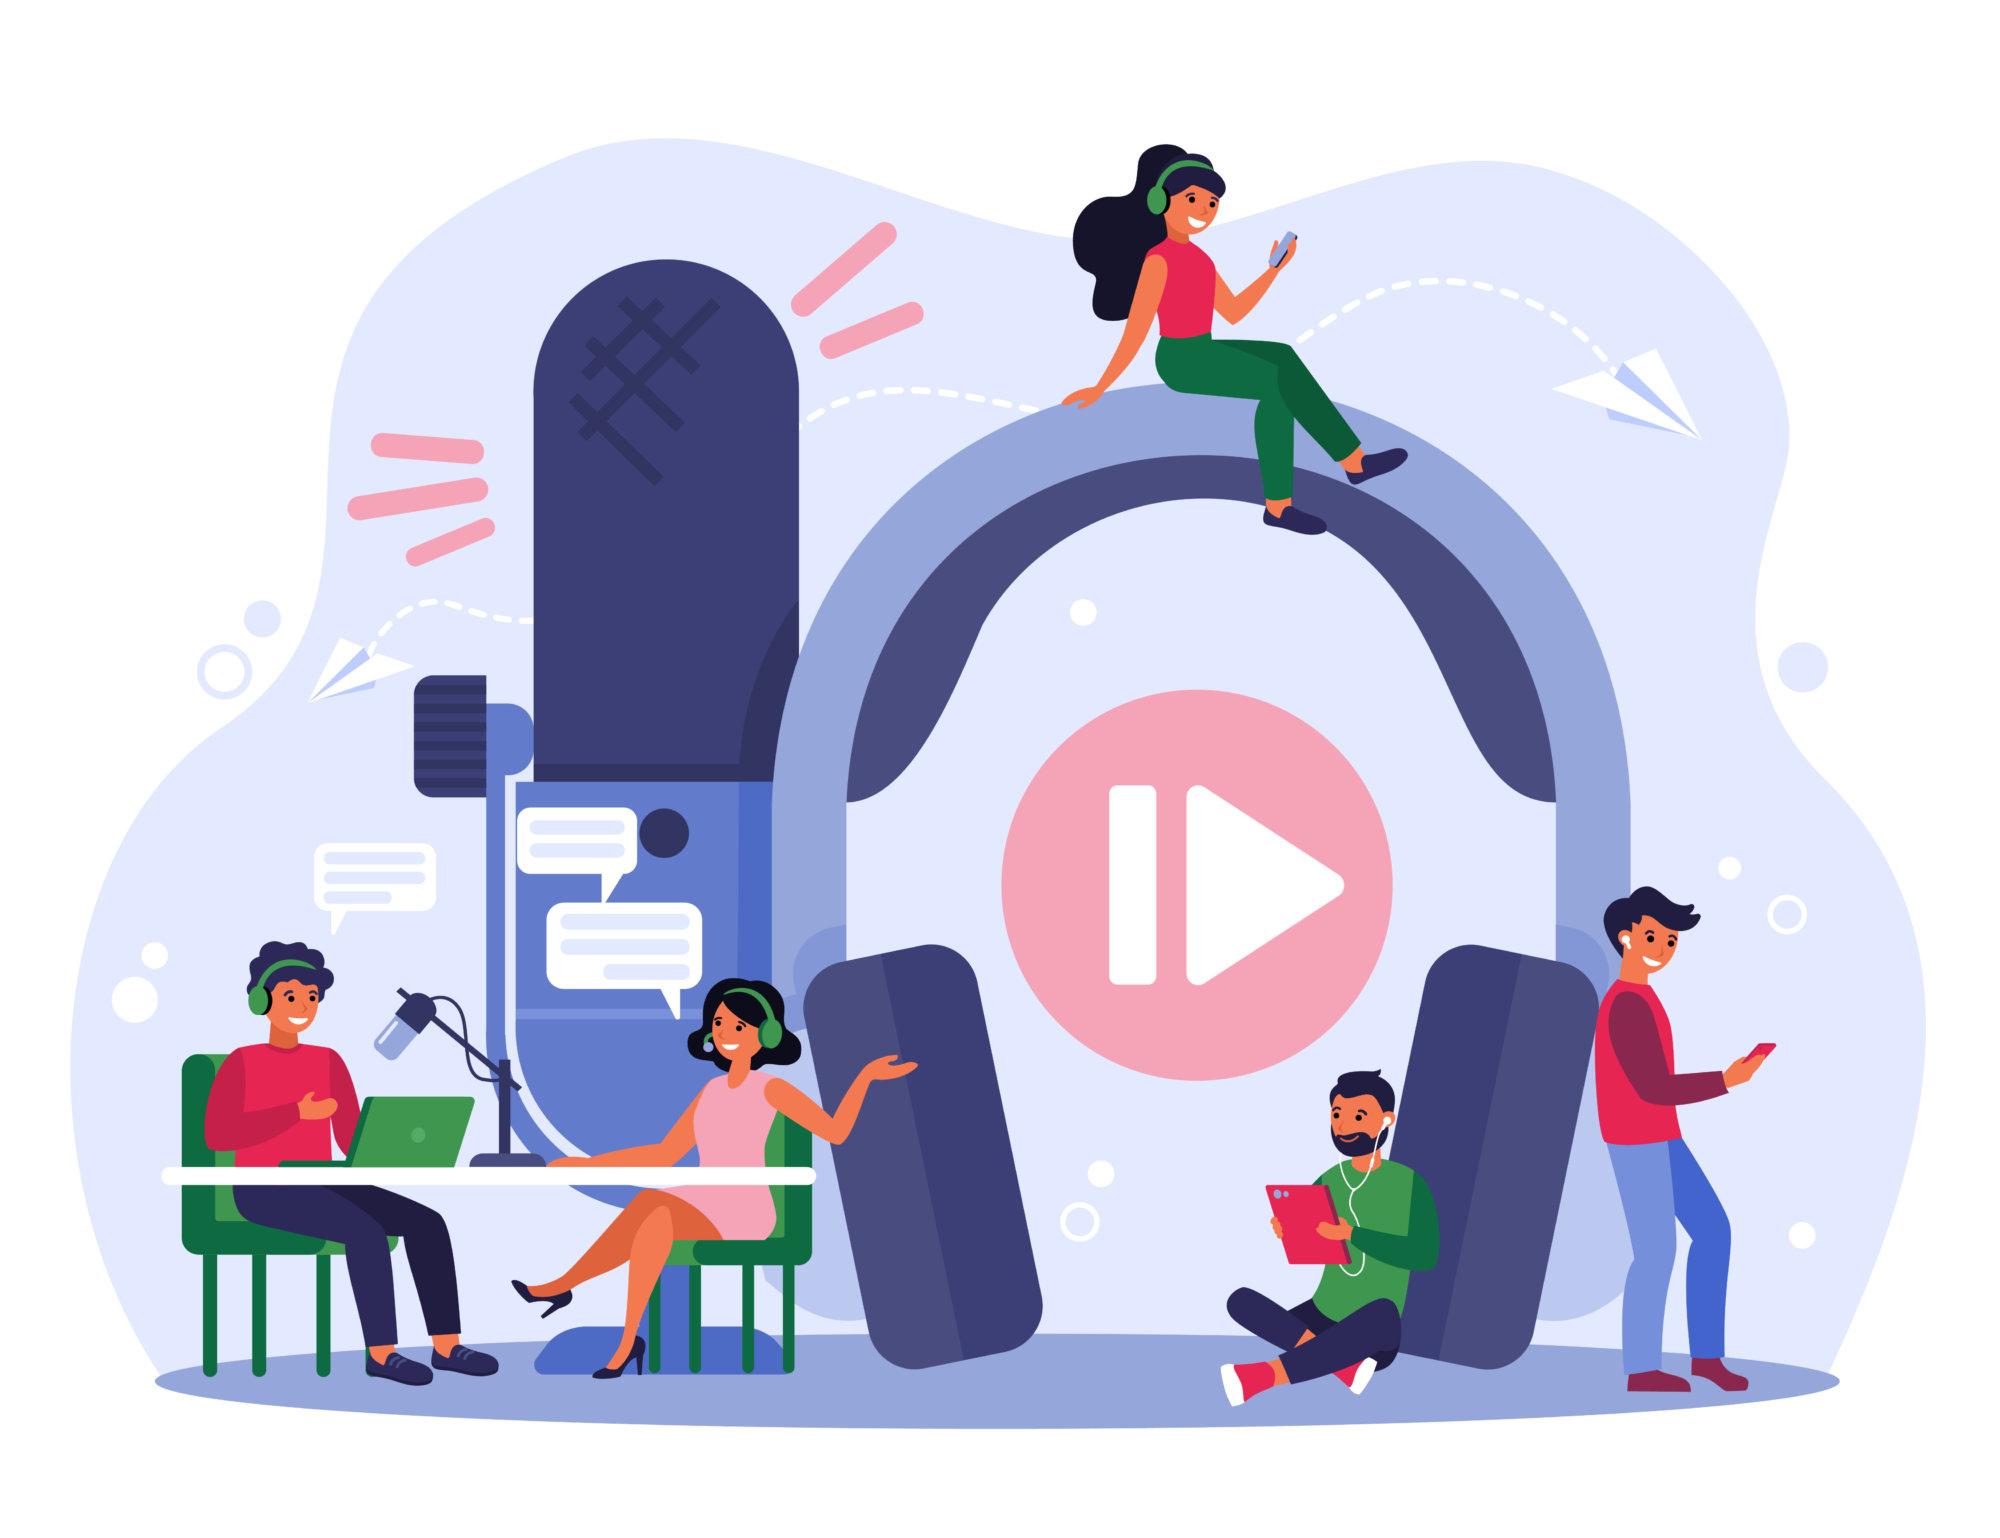 Por que o podcast ganha cada vez mais relevância?